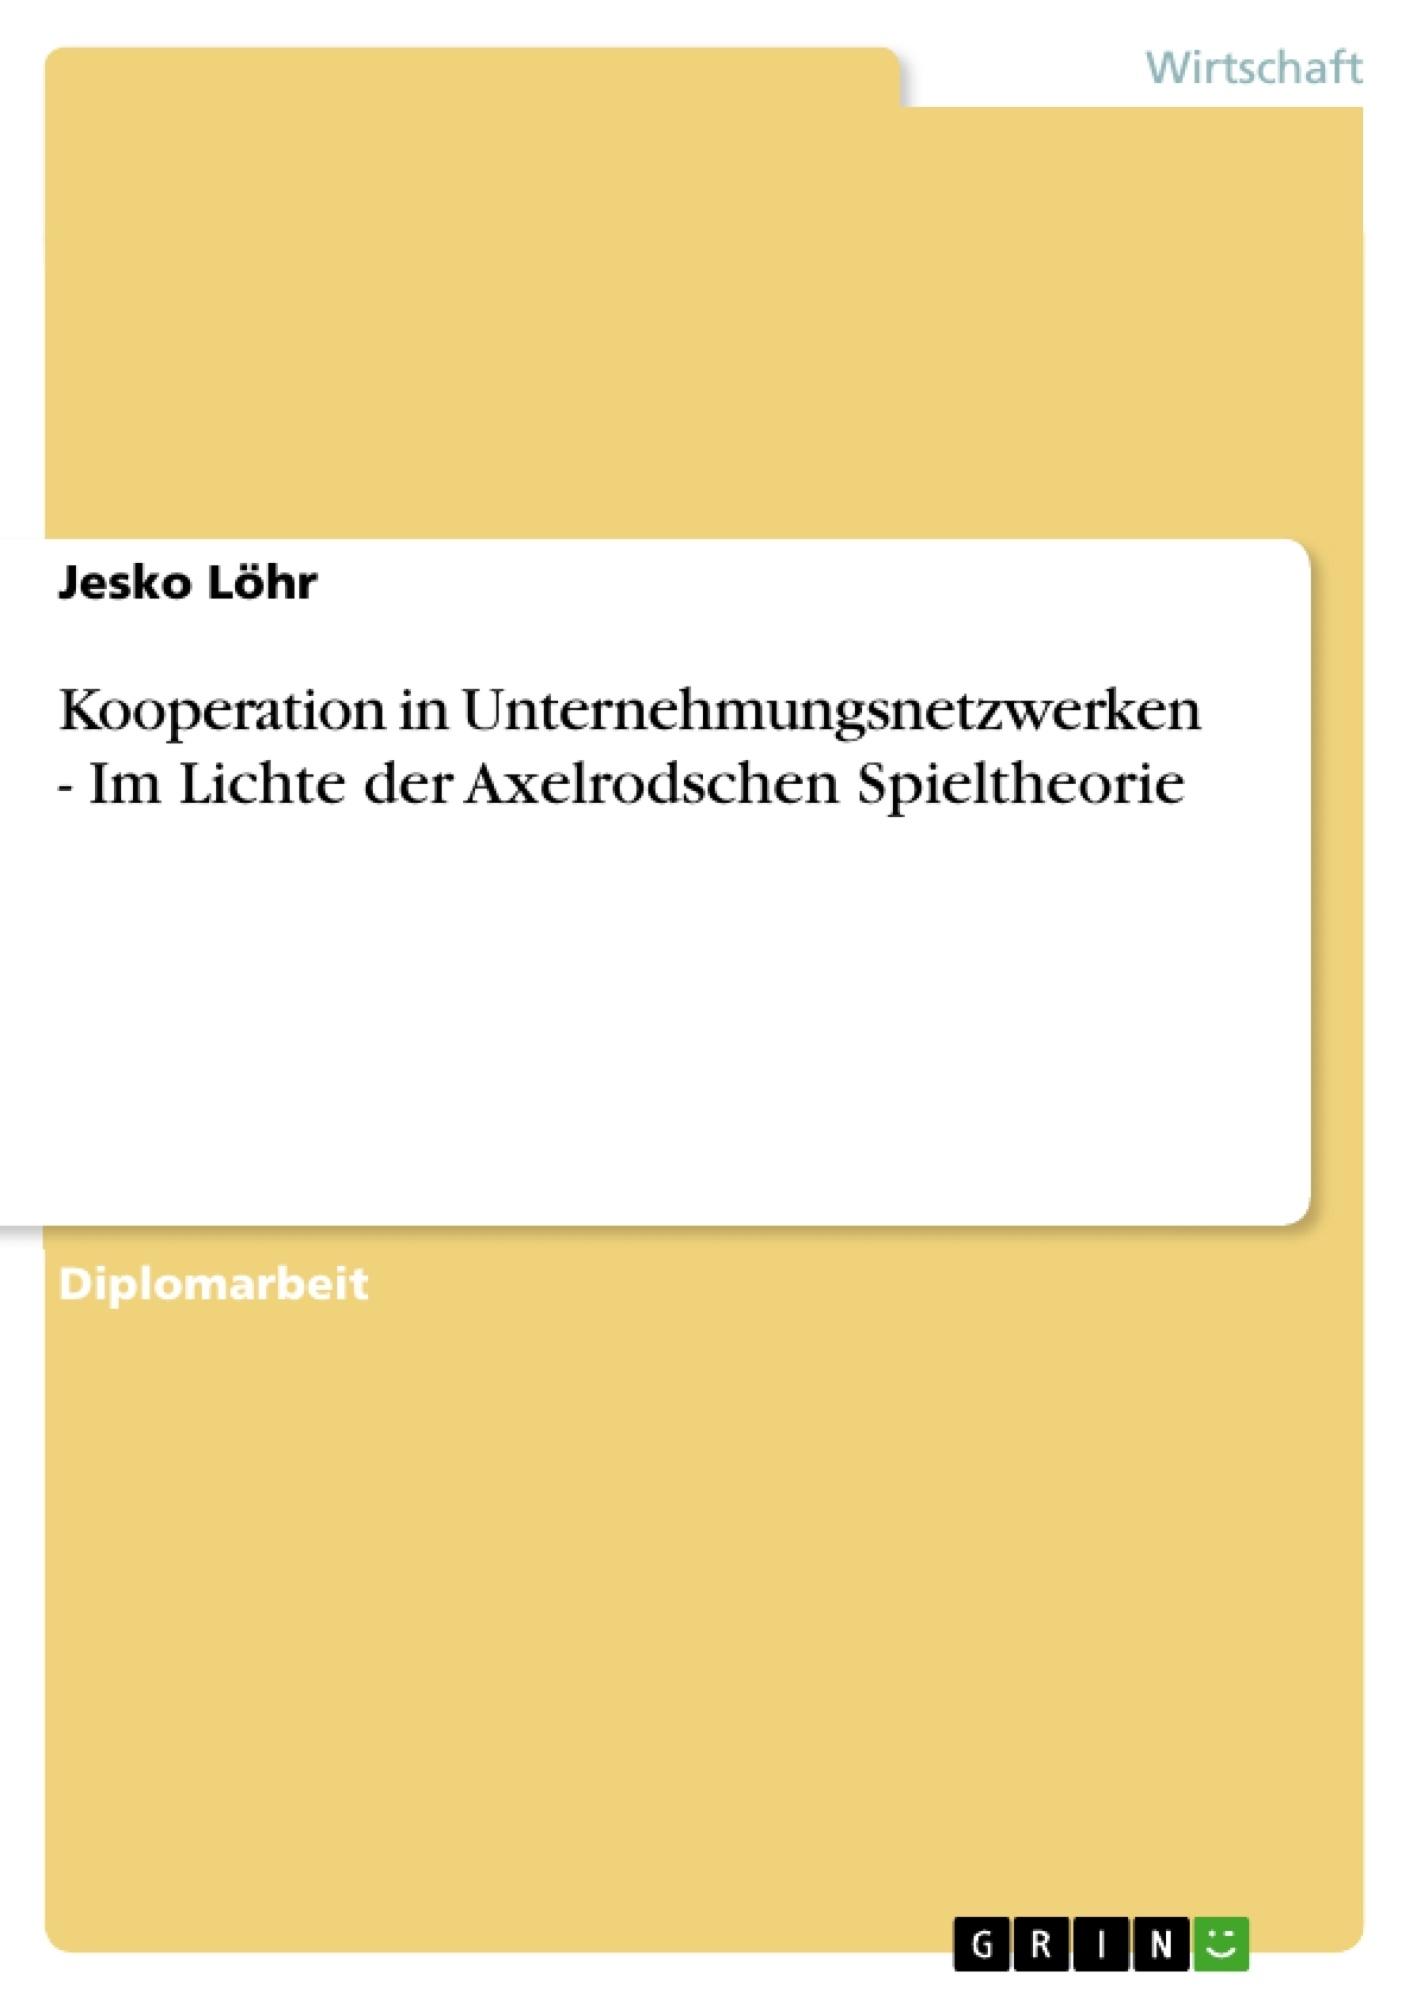 Titel: Kooperation in Unternehmungsnetzwerken  -  Im Lichte der Axelrodschen Spieltheorie